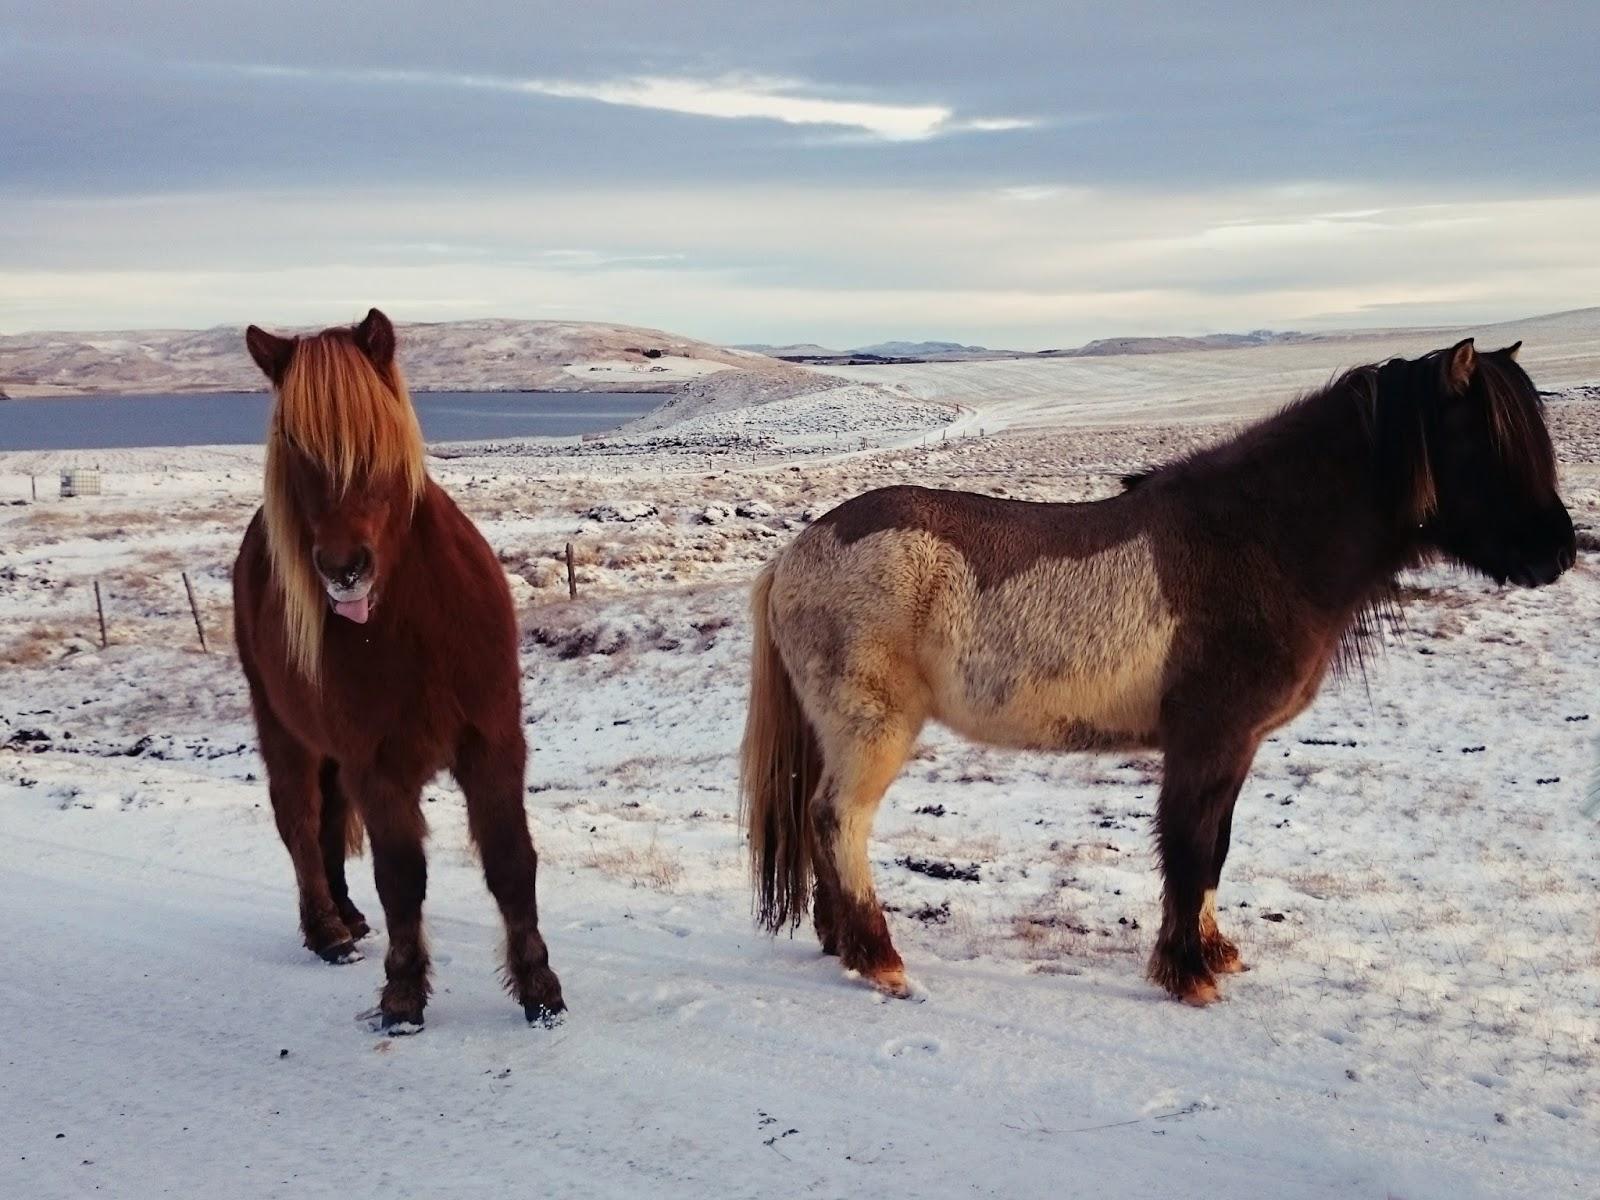 Islandzkie koniki, Islandia, konie, zima, śnieg, jezioro, koń, panidorcia, facebook, lajk